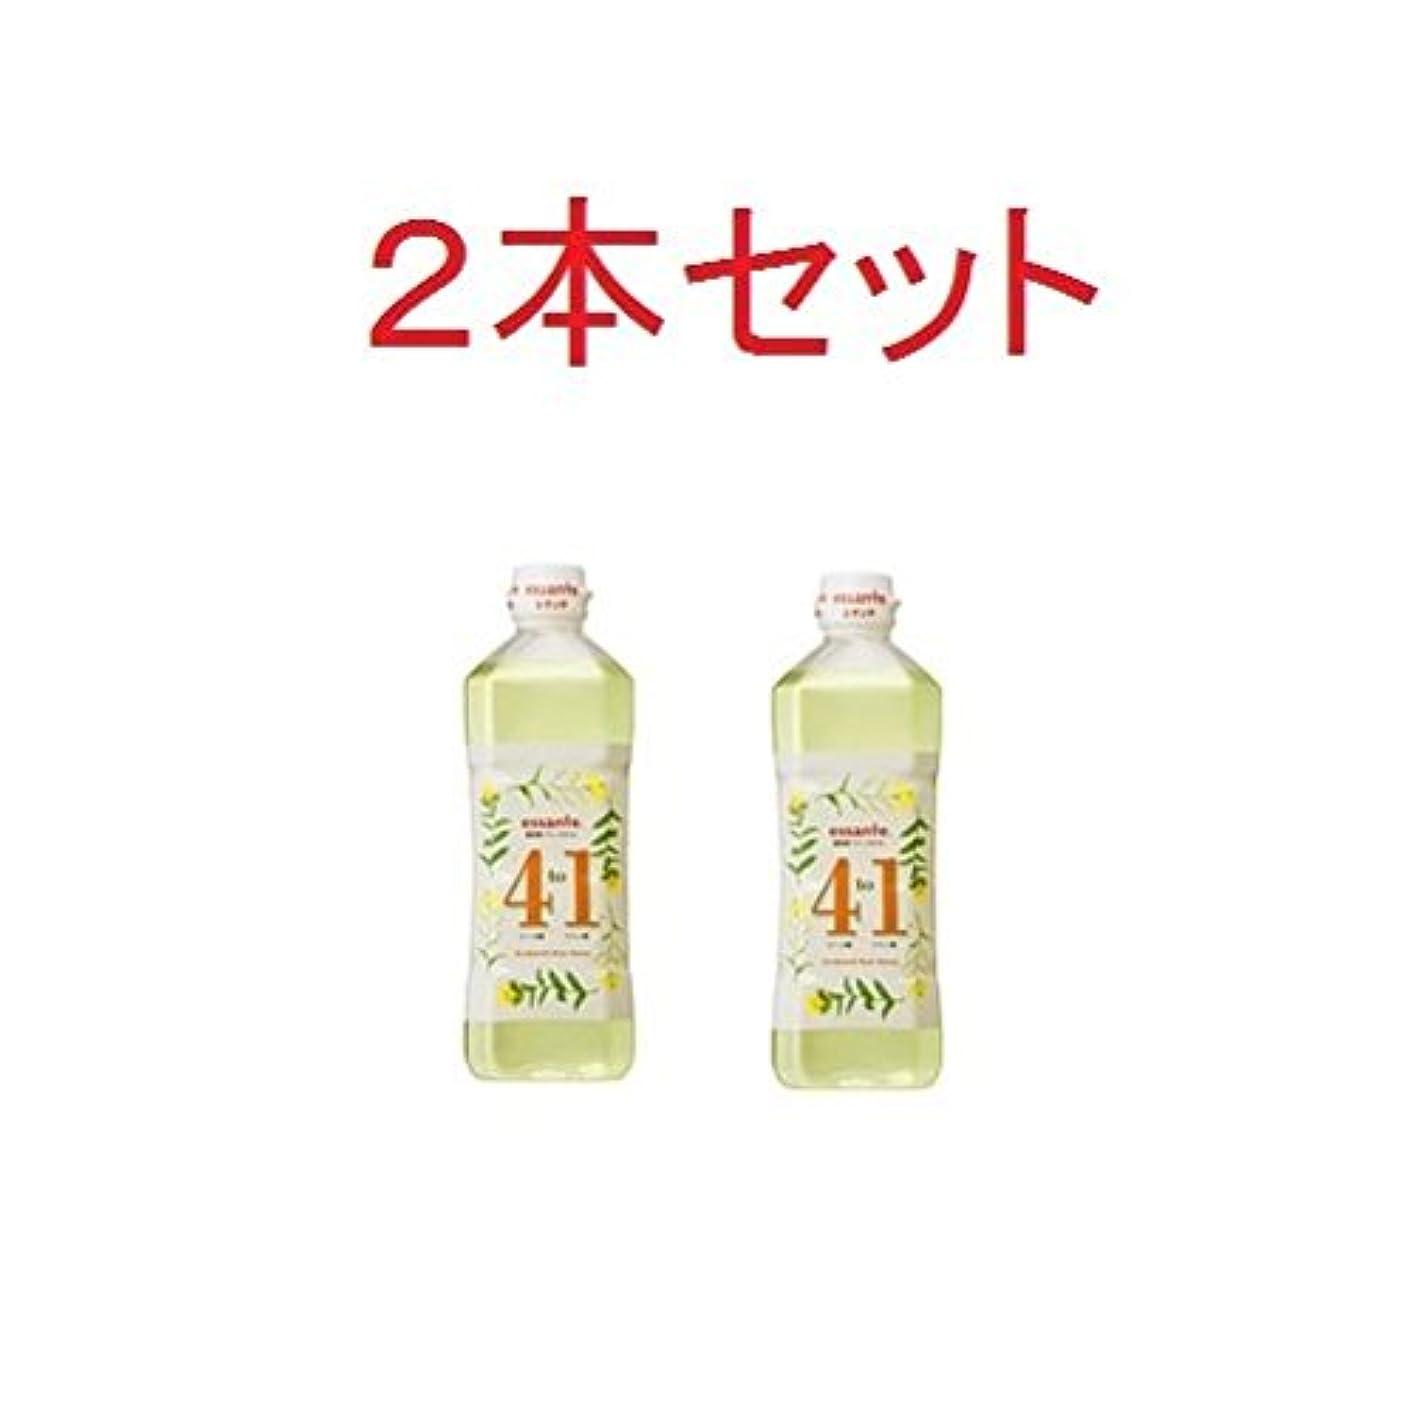 油サミット方程式2本セット アムウェイ エサンテ 4 to 1 脂肪酸バランスオイル